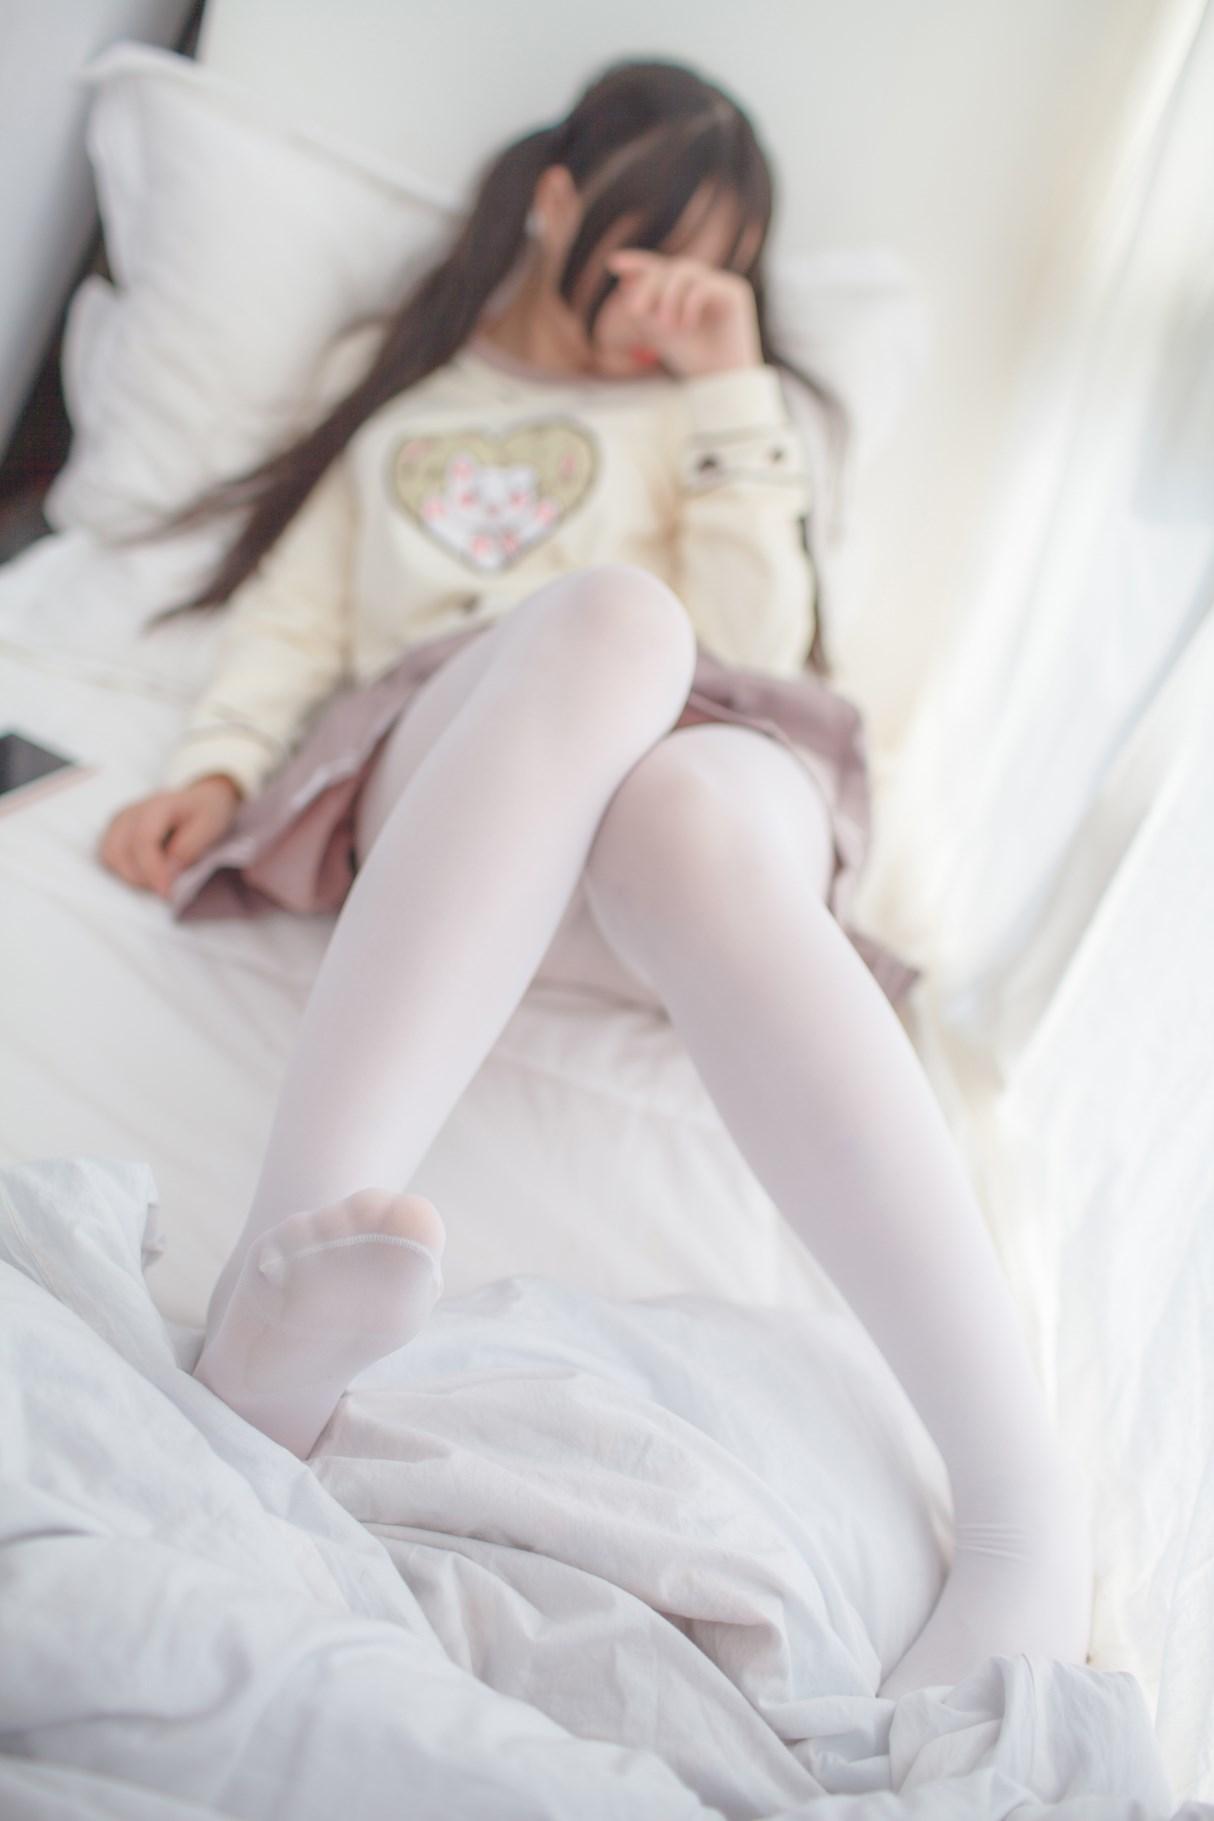 【兔玩映画】软萌小萝莉 兔玩映画 第22张